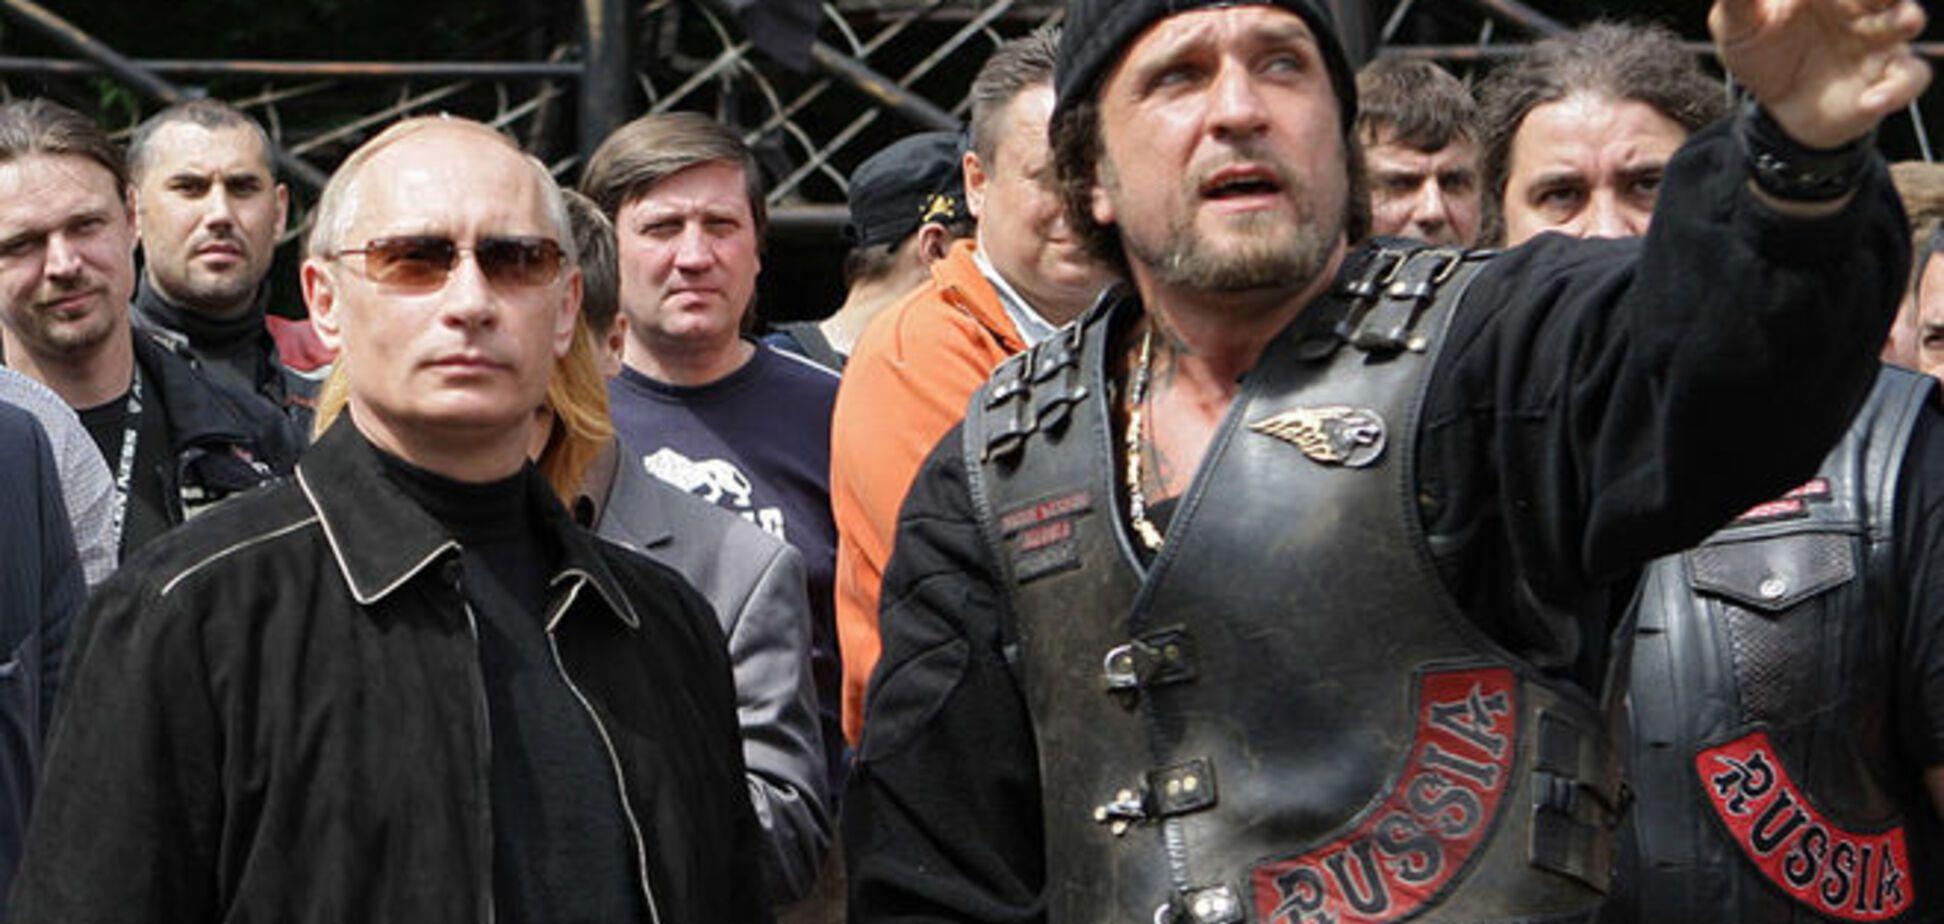 'Вы доиграетесь'. Главарь путинских байкеров обвинил Европу в 'русофобии'